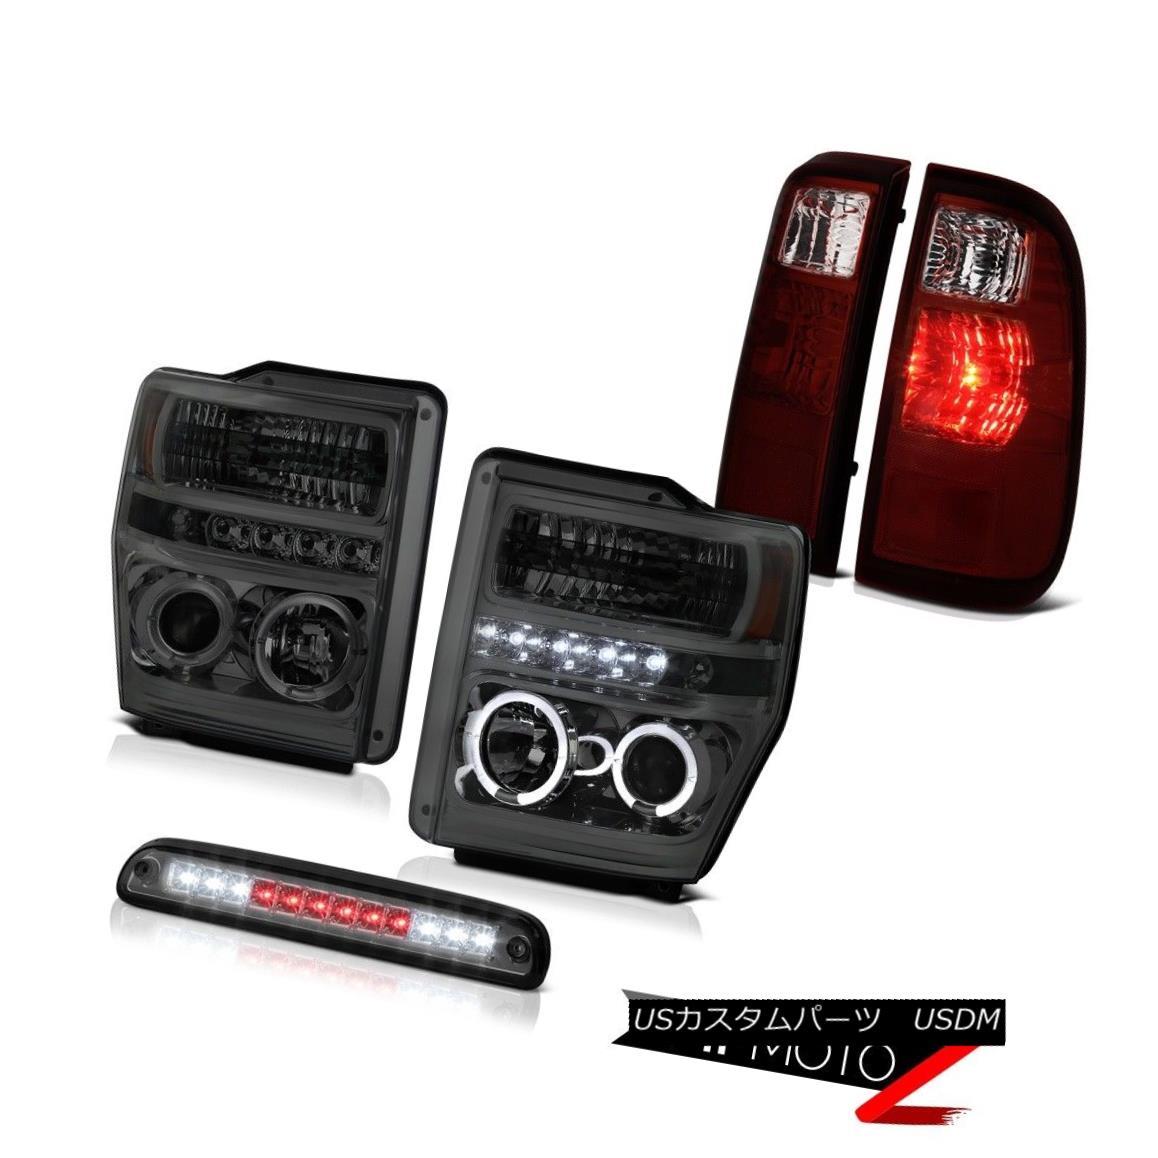 テールライト Headlights Angel Eye Roof Stop LED Tint L.E.D Rear Tail Light 08 09 10 F350 6.8L ヘッドライトエンジェルアイルーフストップLEDティントL.E.Dリアテールライト08 09 10 F350 6.8L